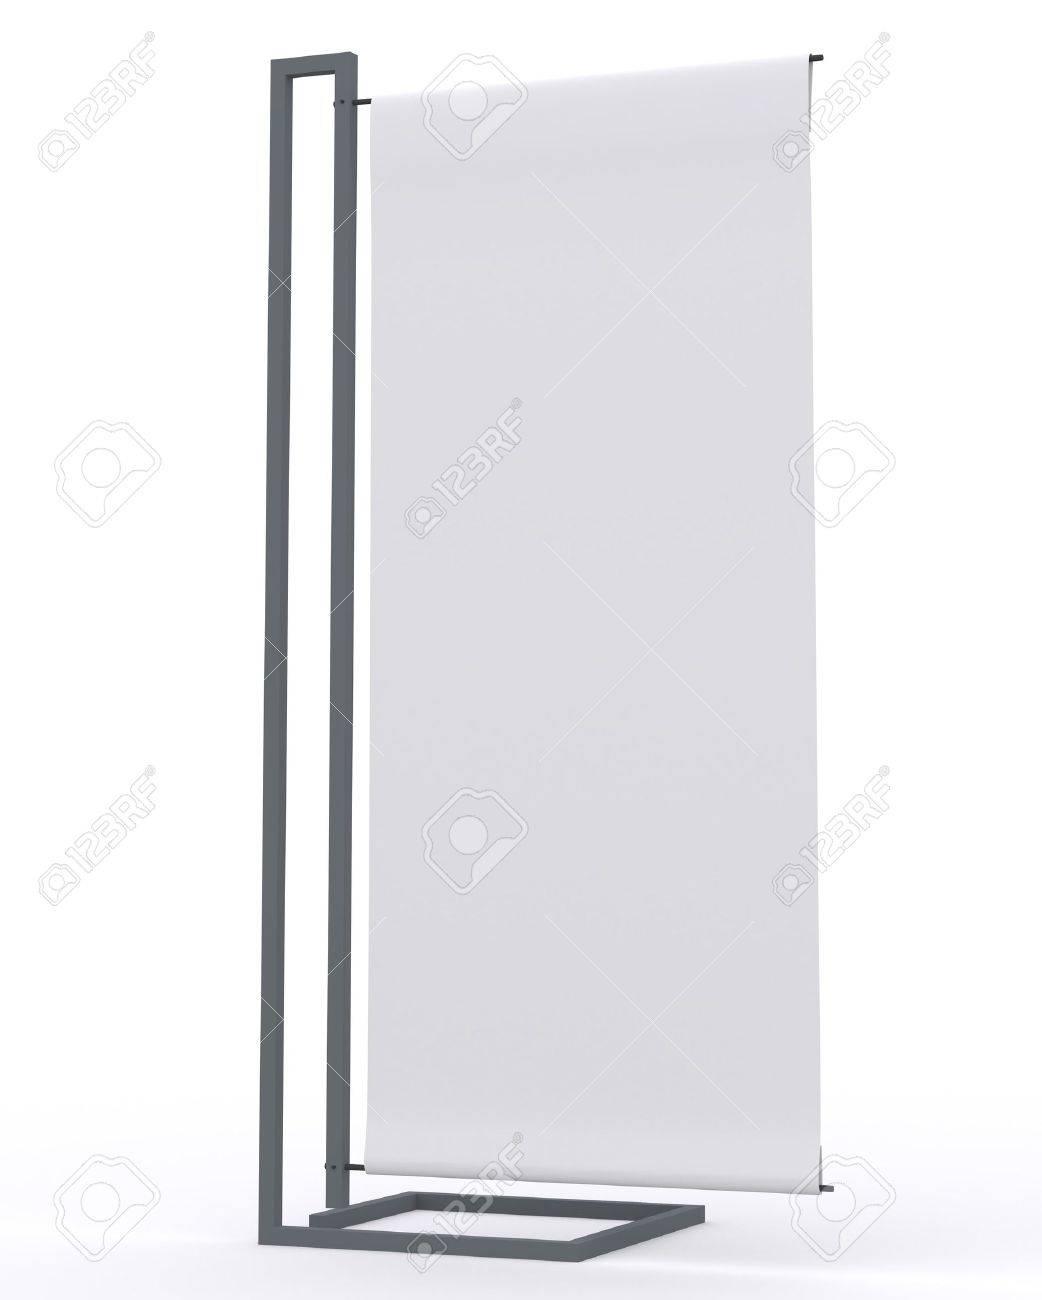 Pantalla En Blanco Banner Nuevo Diseño De Aluminio Plantilla De ...